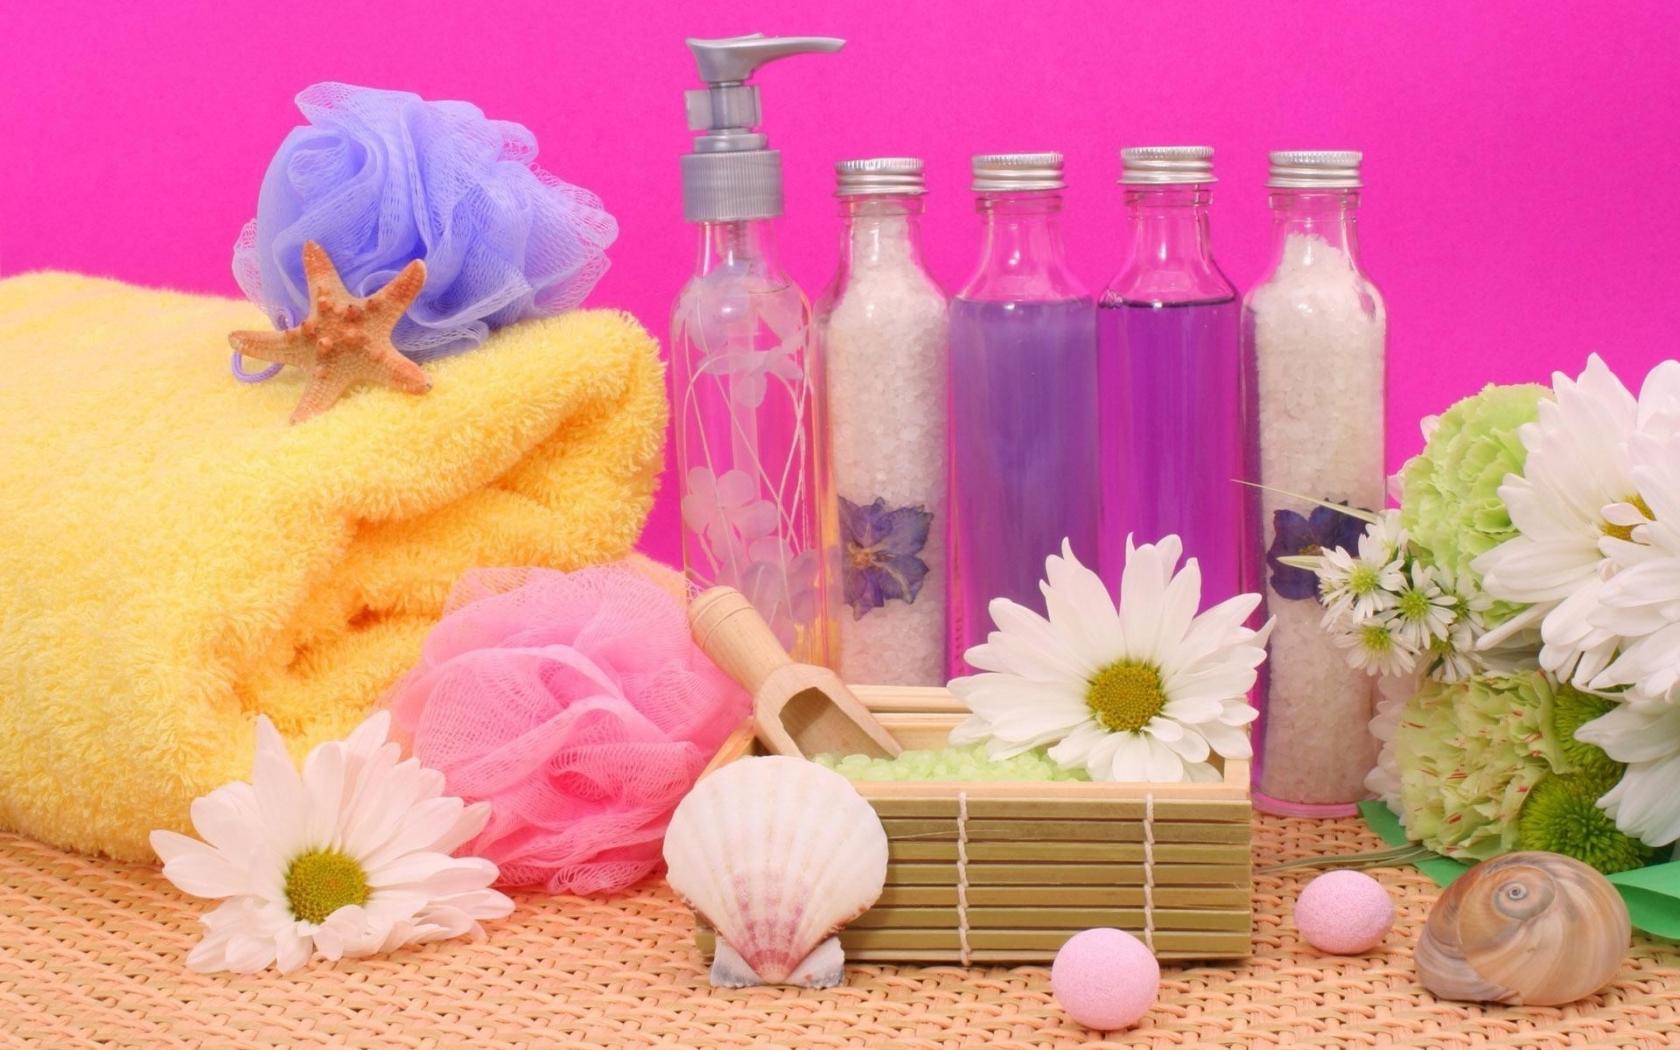 Flores y aromas - 1680x1050